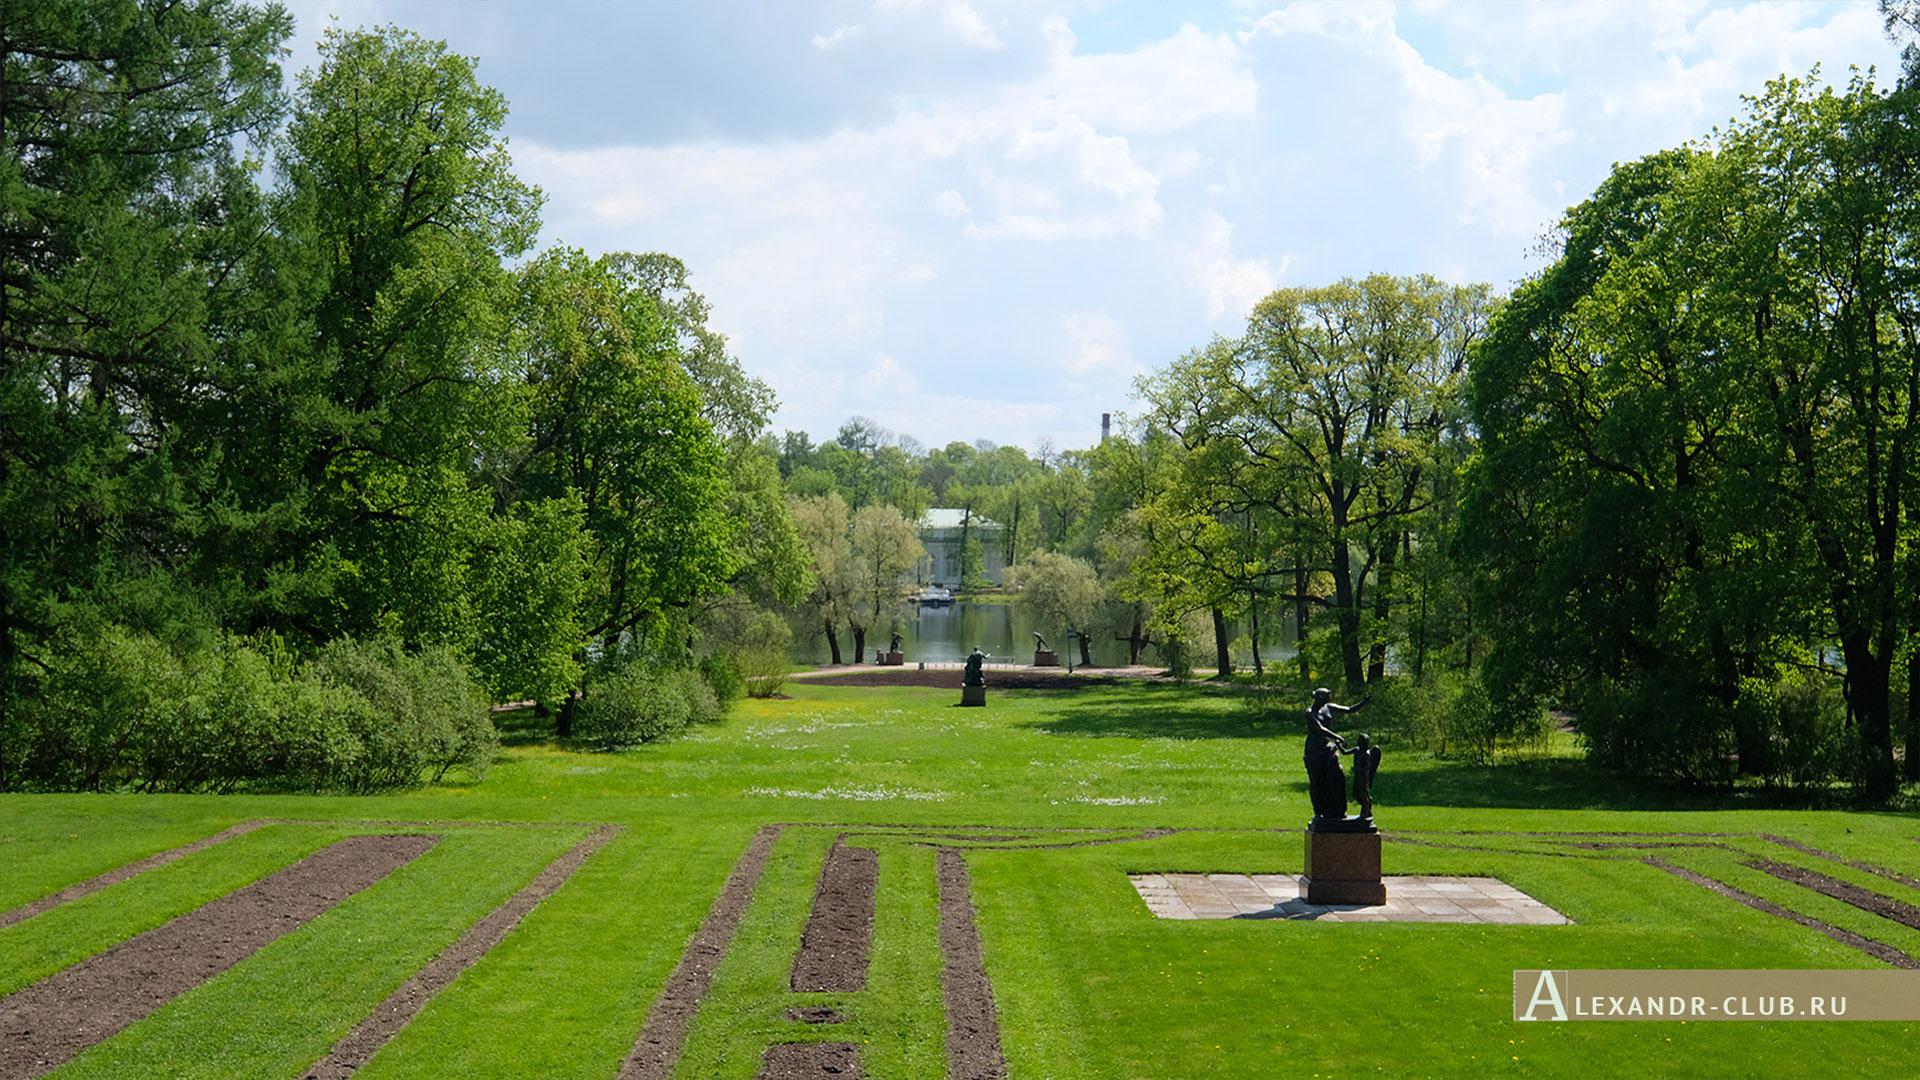 Царское Село, весна, Екатерининский парк